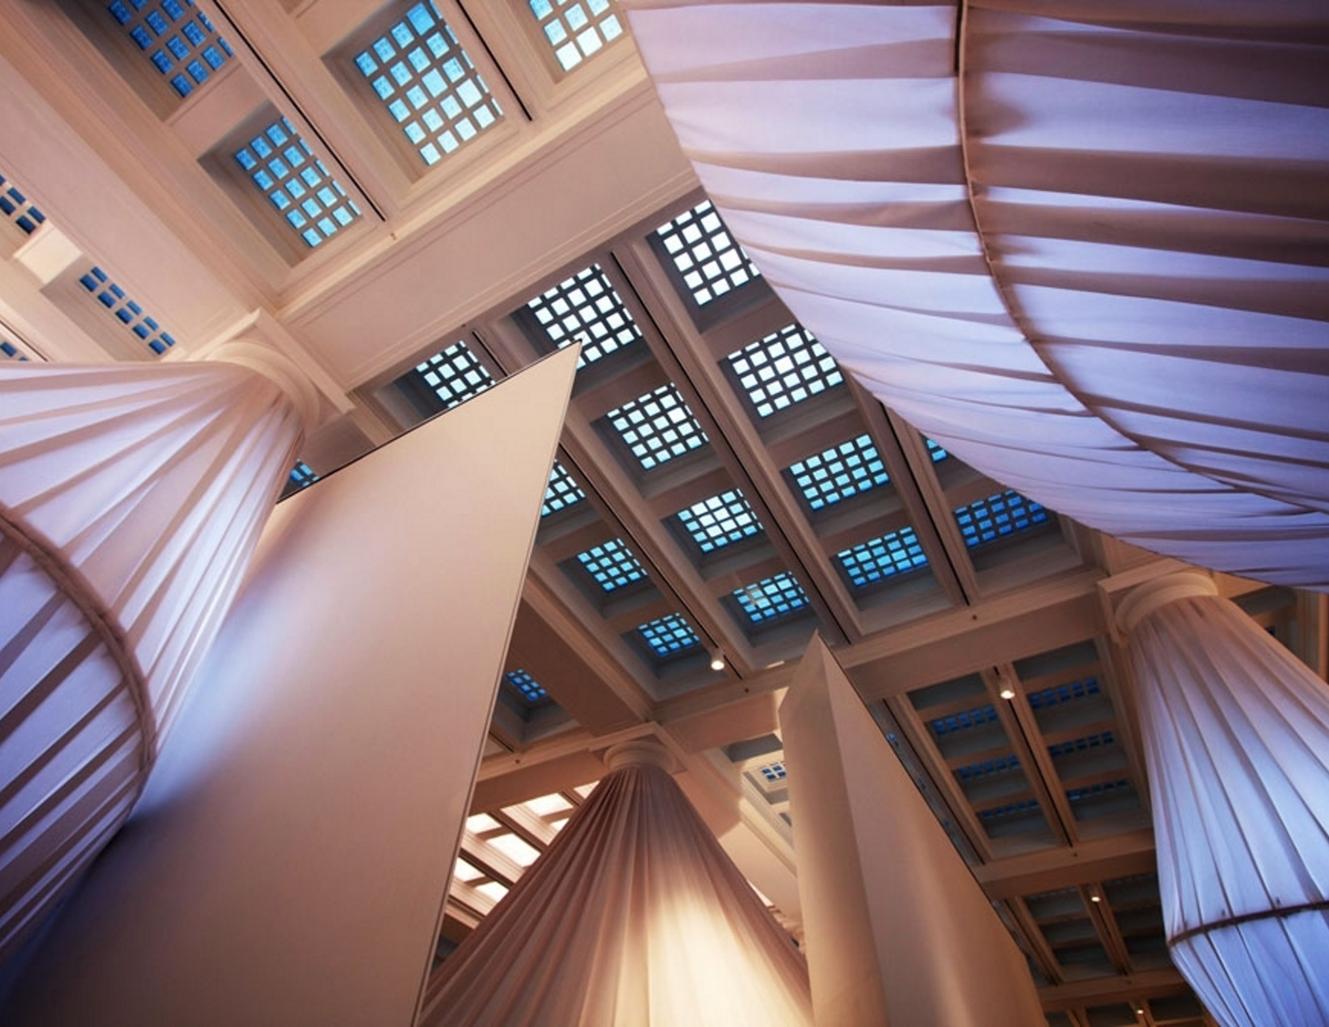 Foto tirada de baixo para cima na instalação de arte reOrder, no Brooklyn Museum, com tecidos Sunbrella